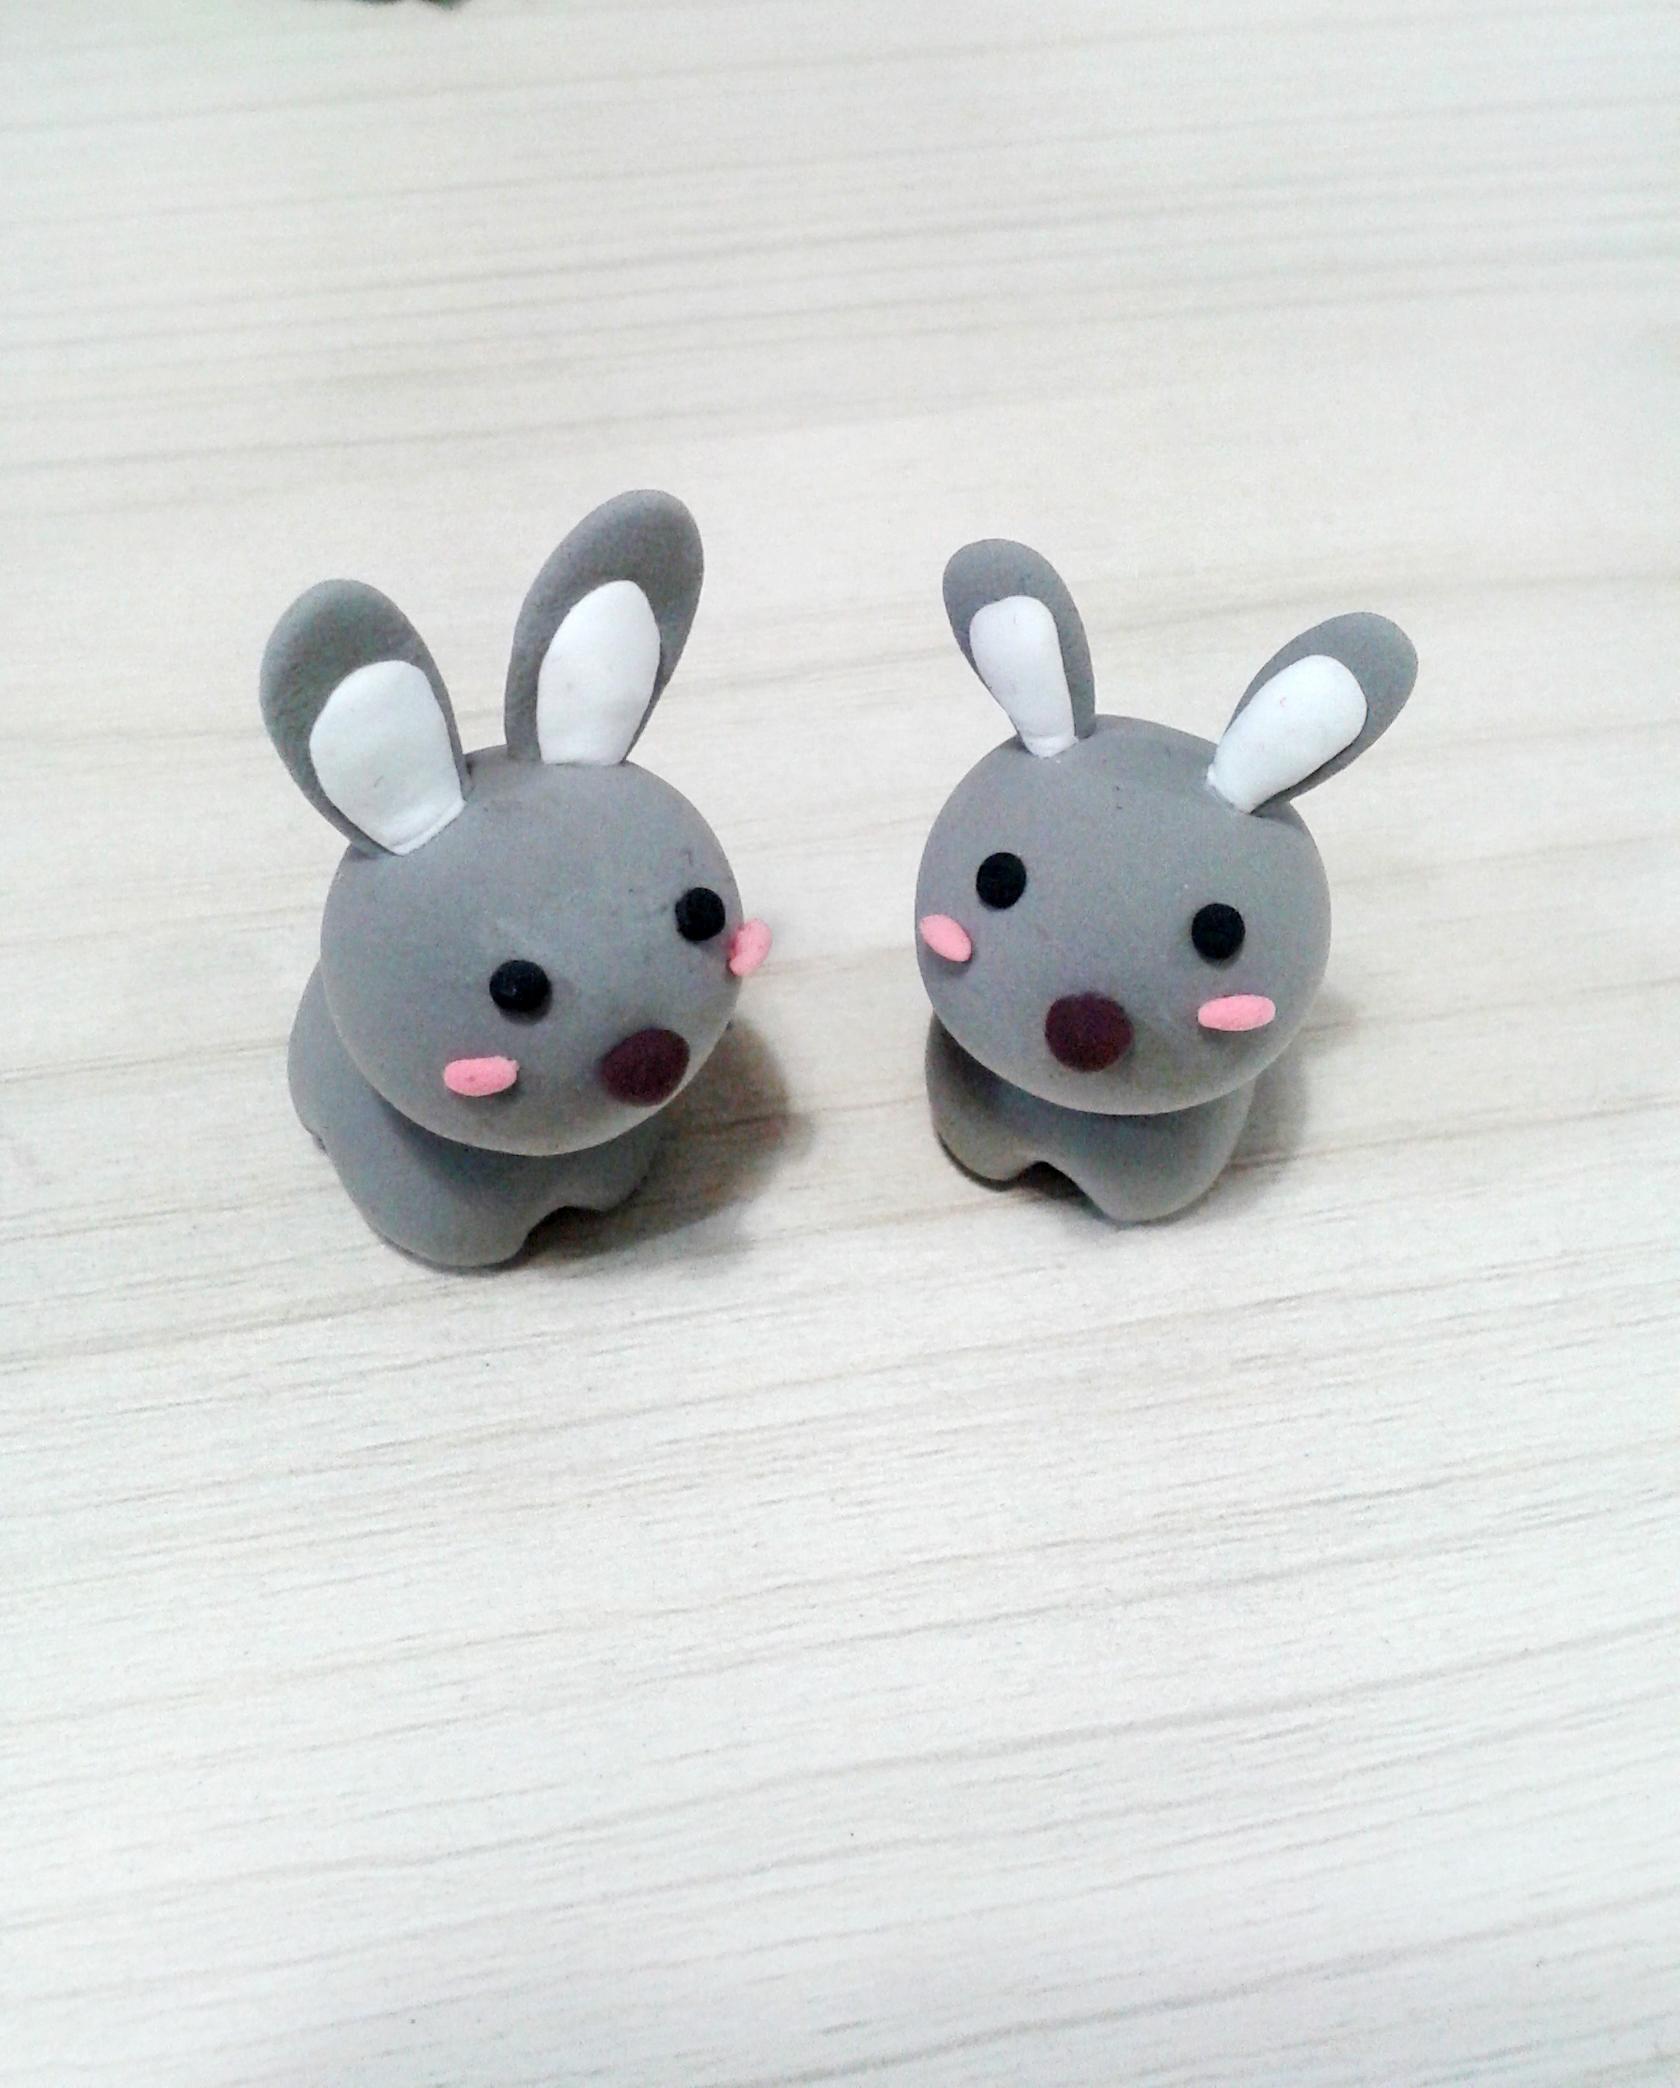 软陶系列之小动物|手工艺|手办/原型|chiajingjing